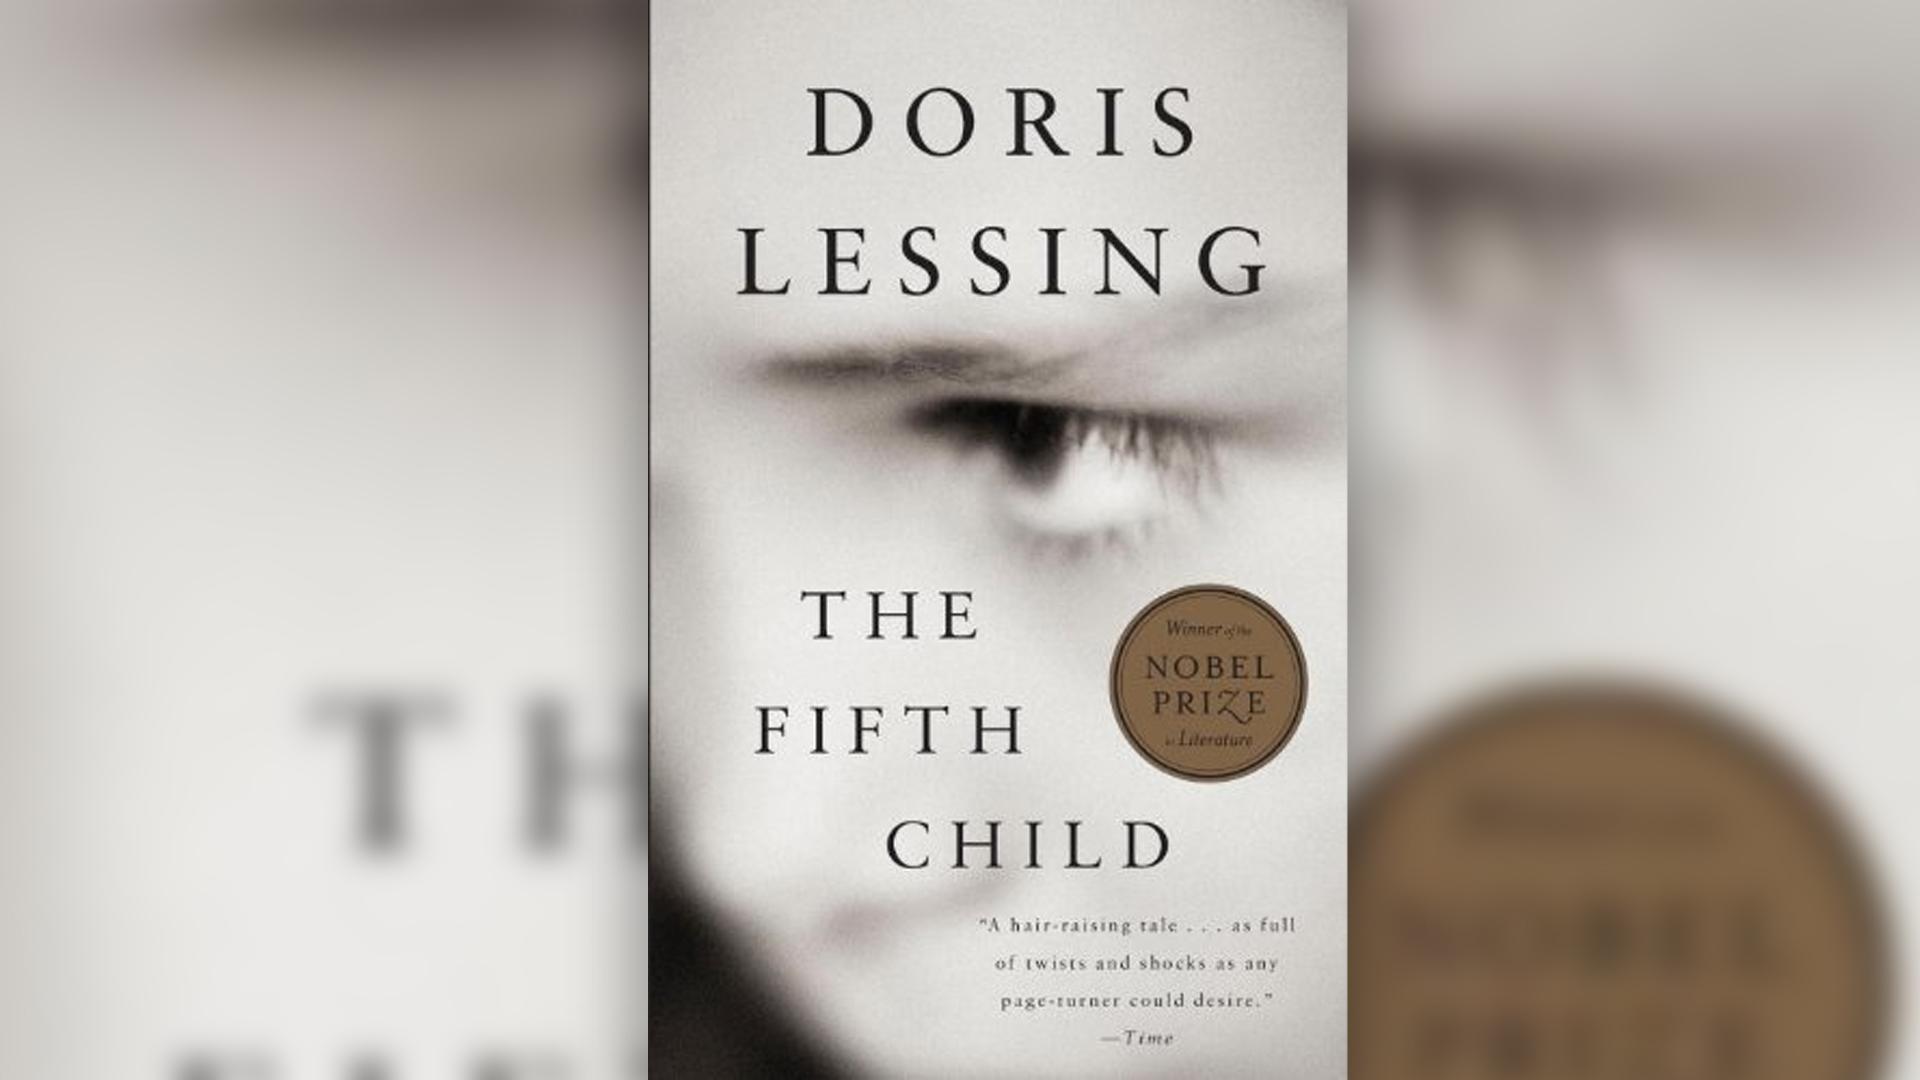 Club anglès: The Fifth Child, de Doris Lessing - Activitat virtual